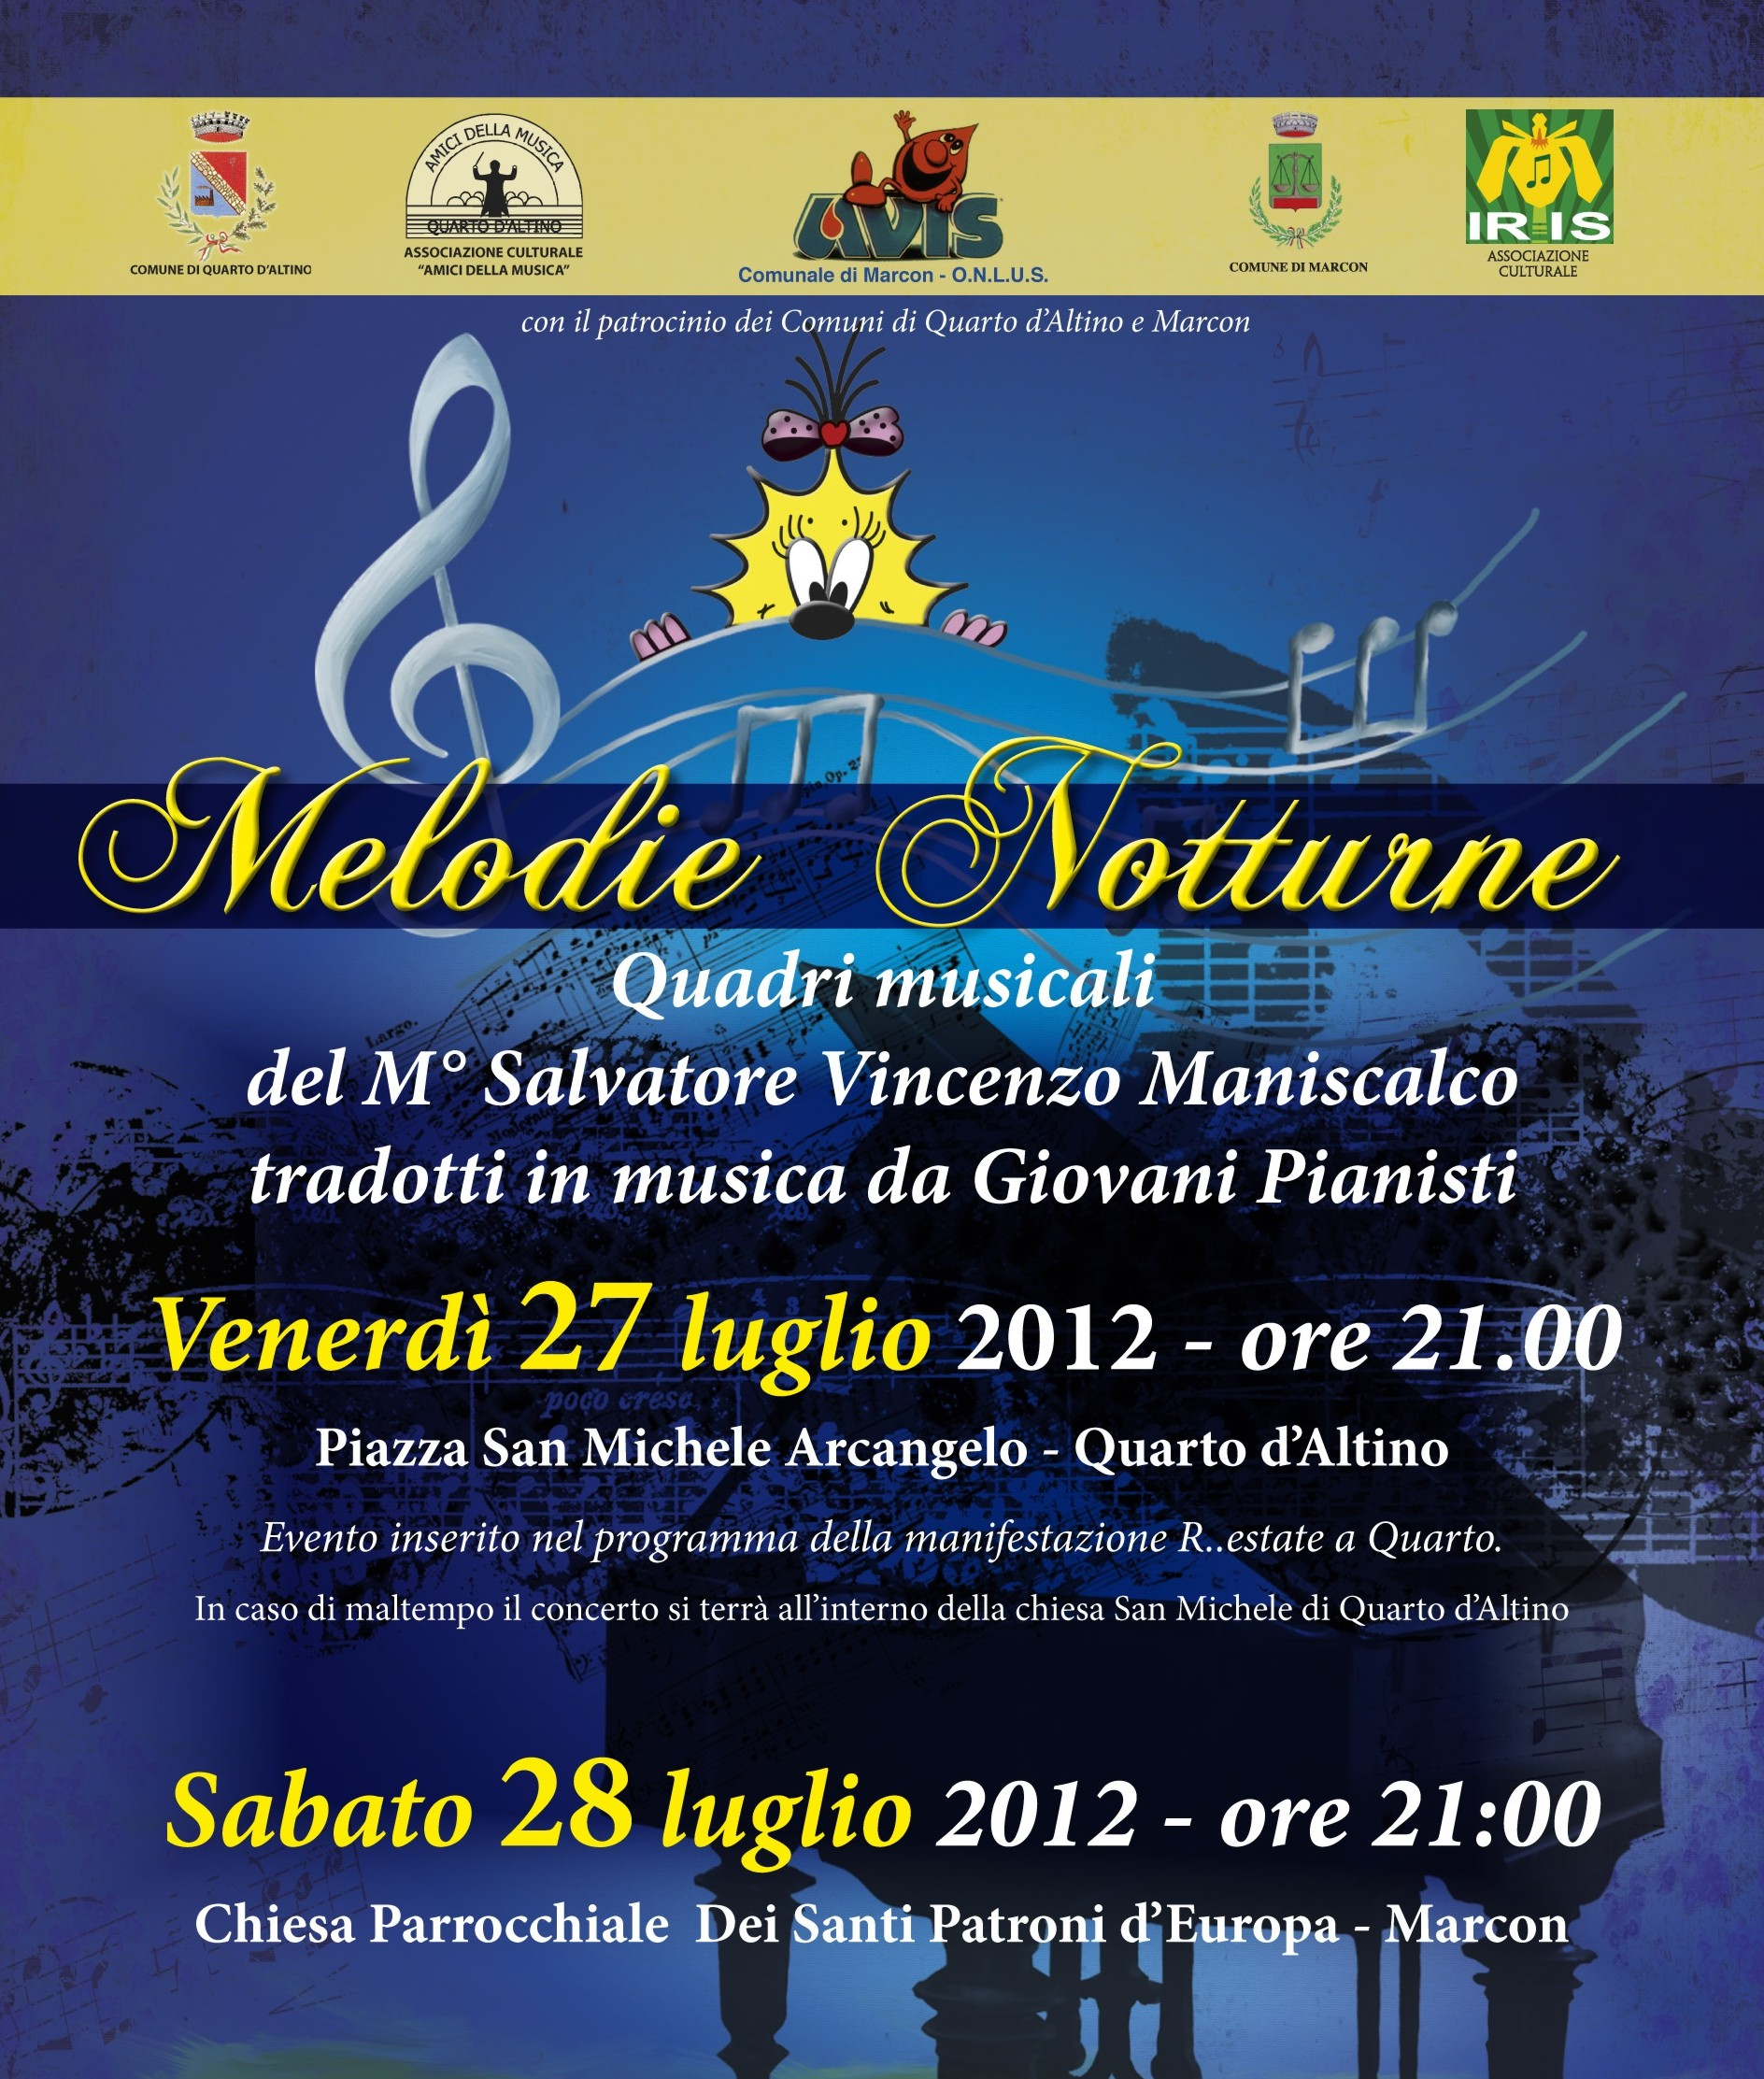 Melodie notturne-Quadri musicali